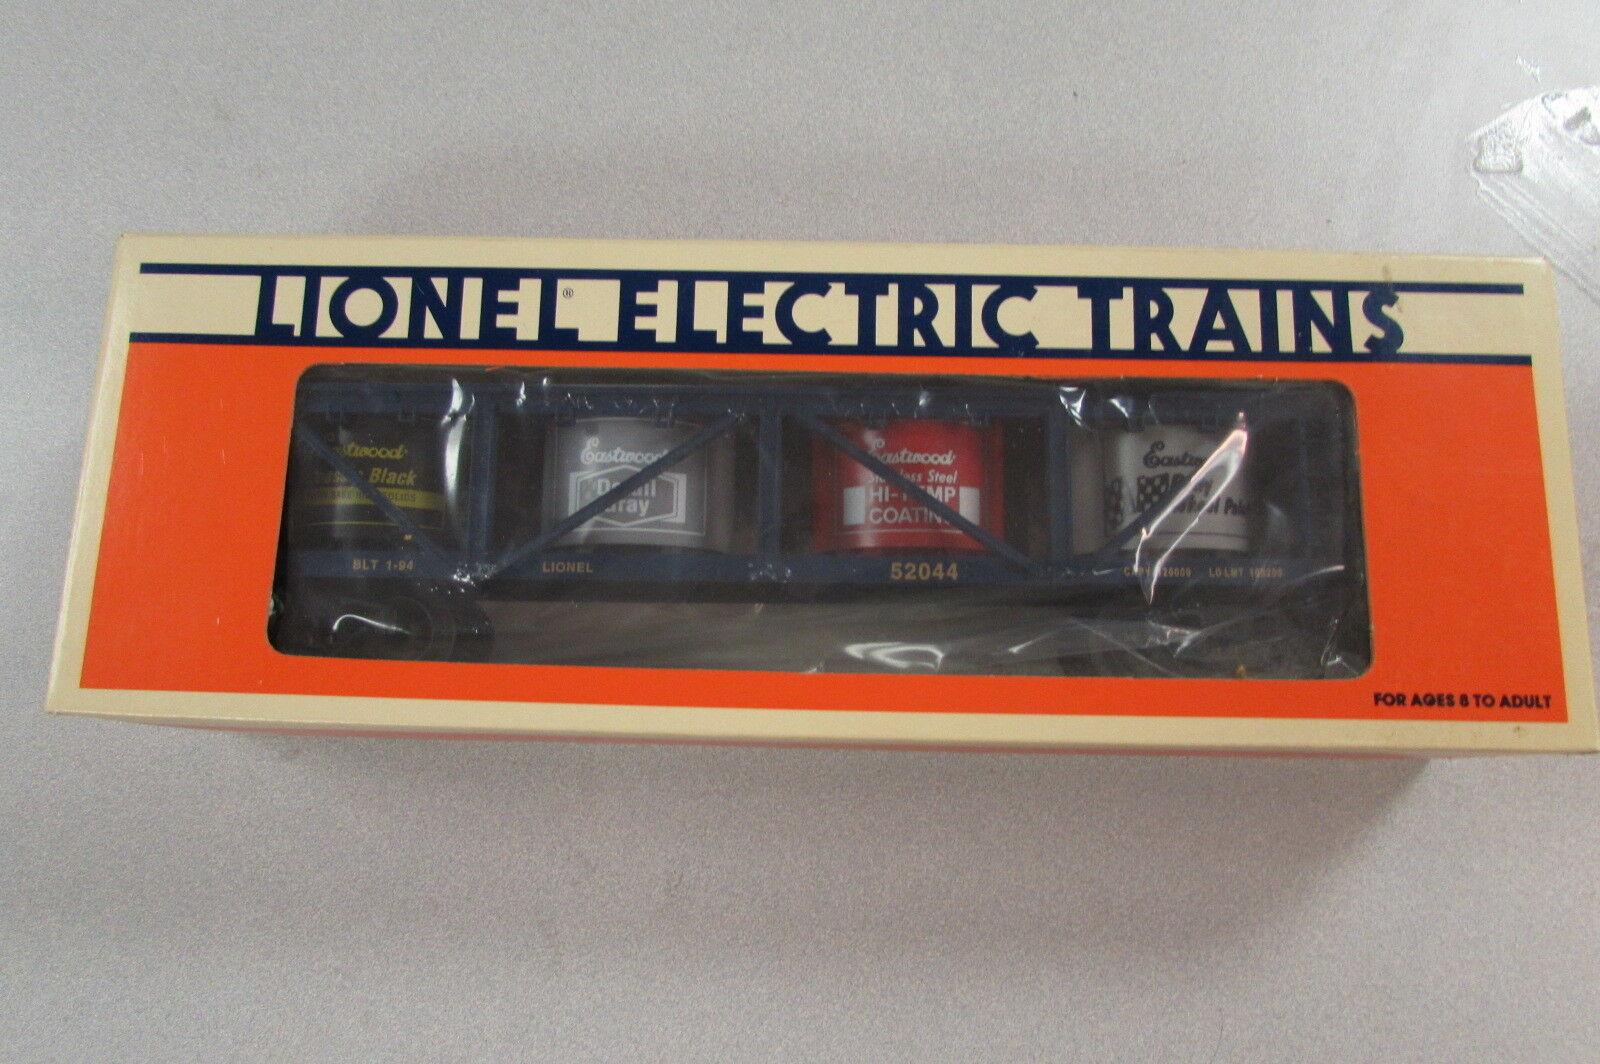 Lionel 6-52044 Eastwood VAT Car Railroad Train - NOS - Free Ship